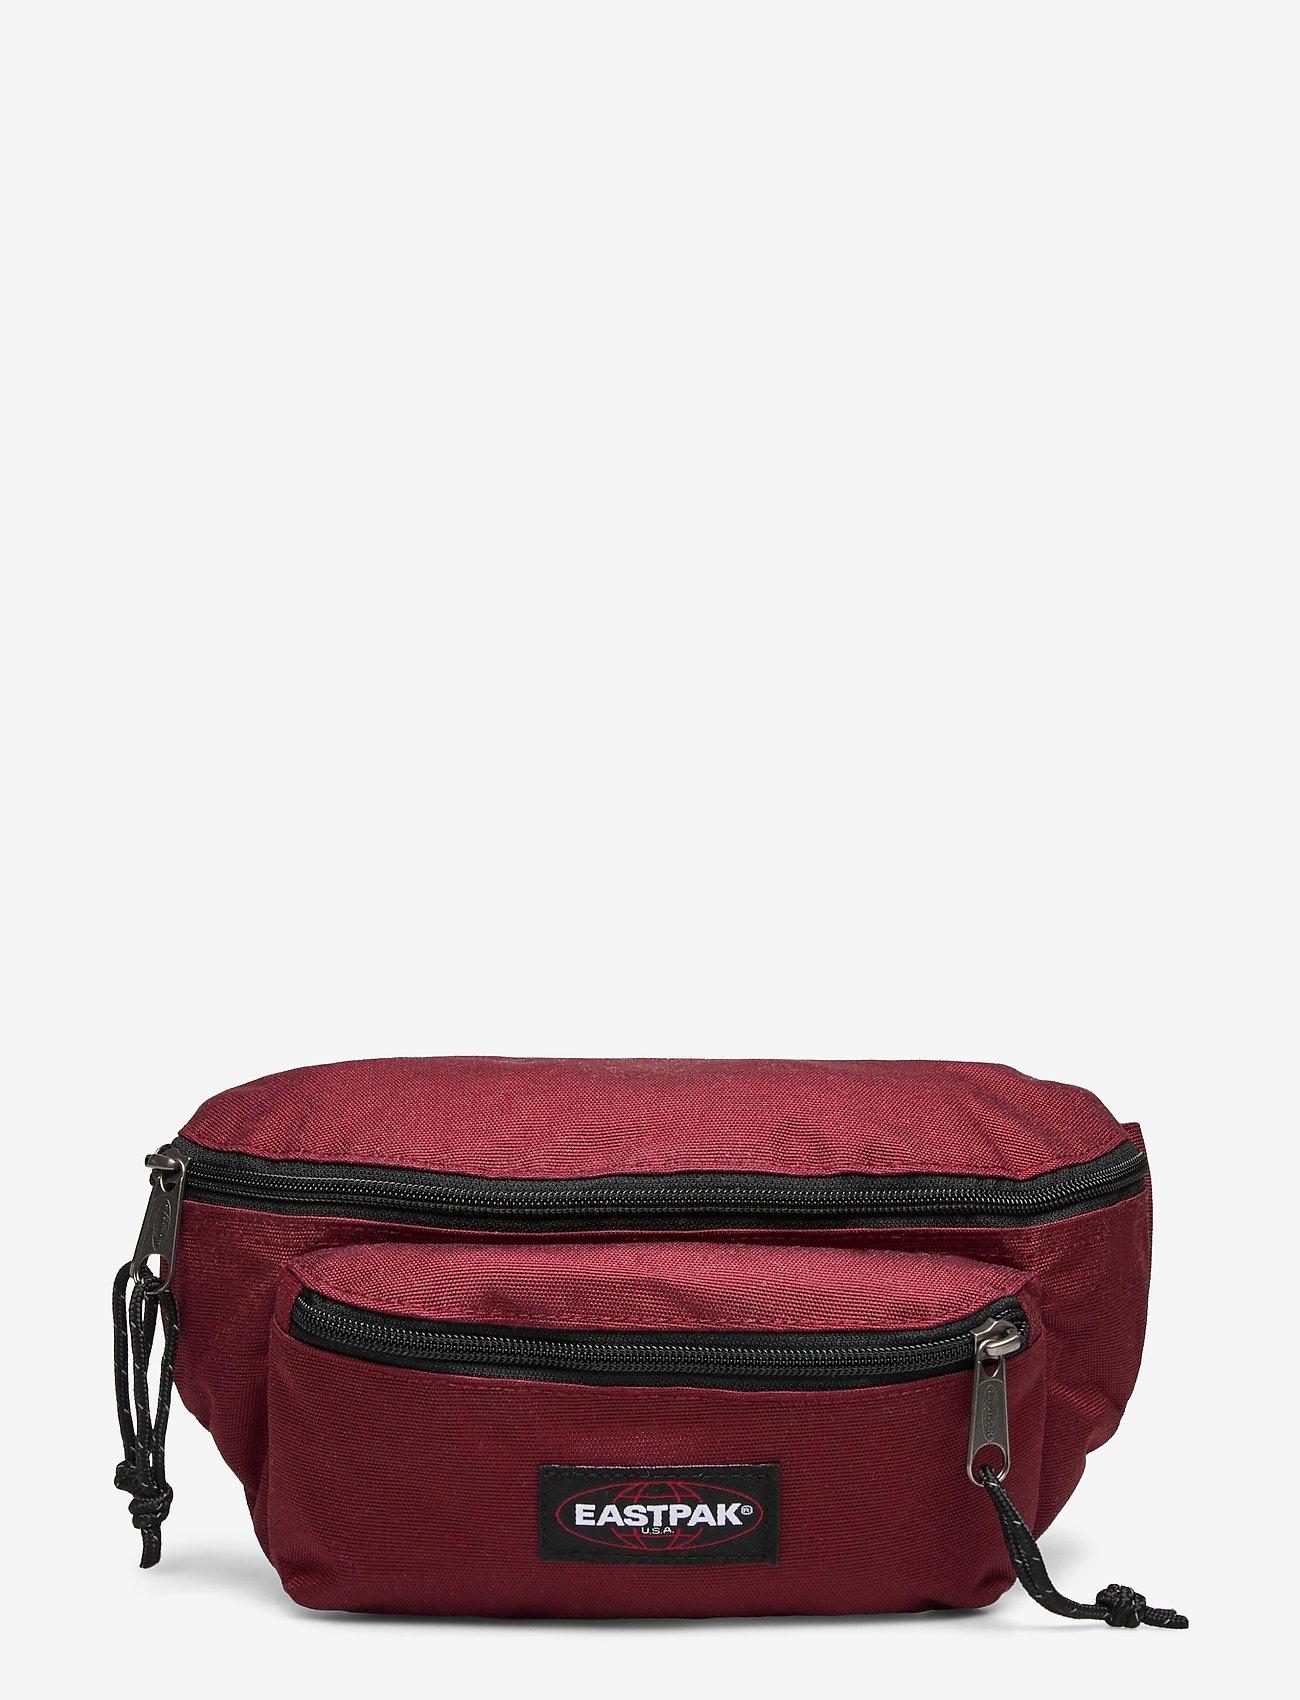 Eastpak - DOGGY BAG - heuptassen - brisk burgundy - 0